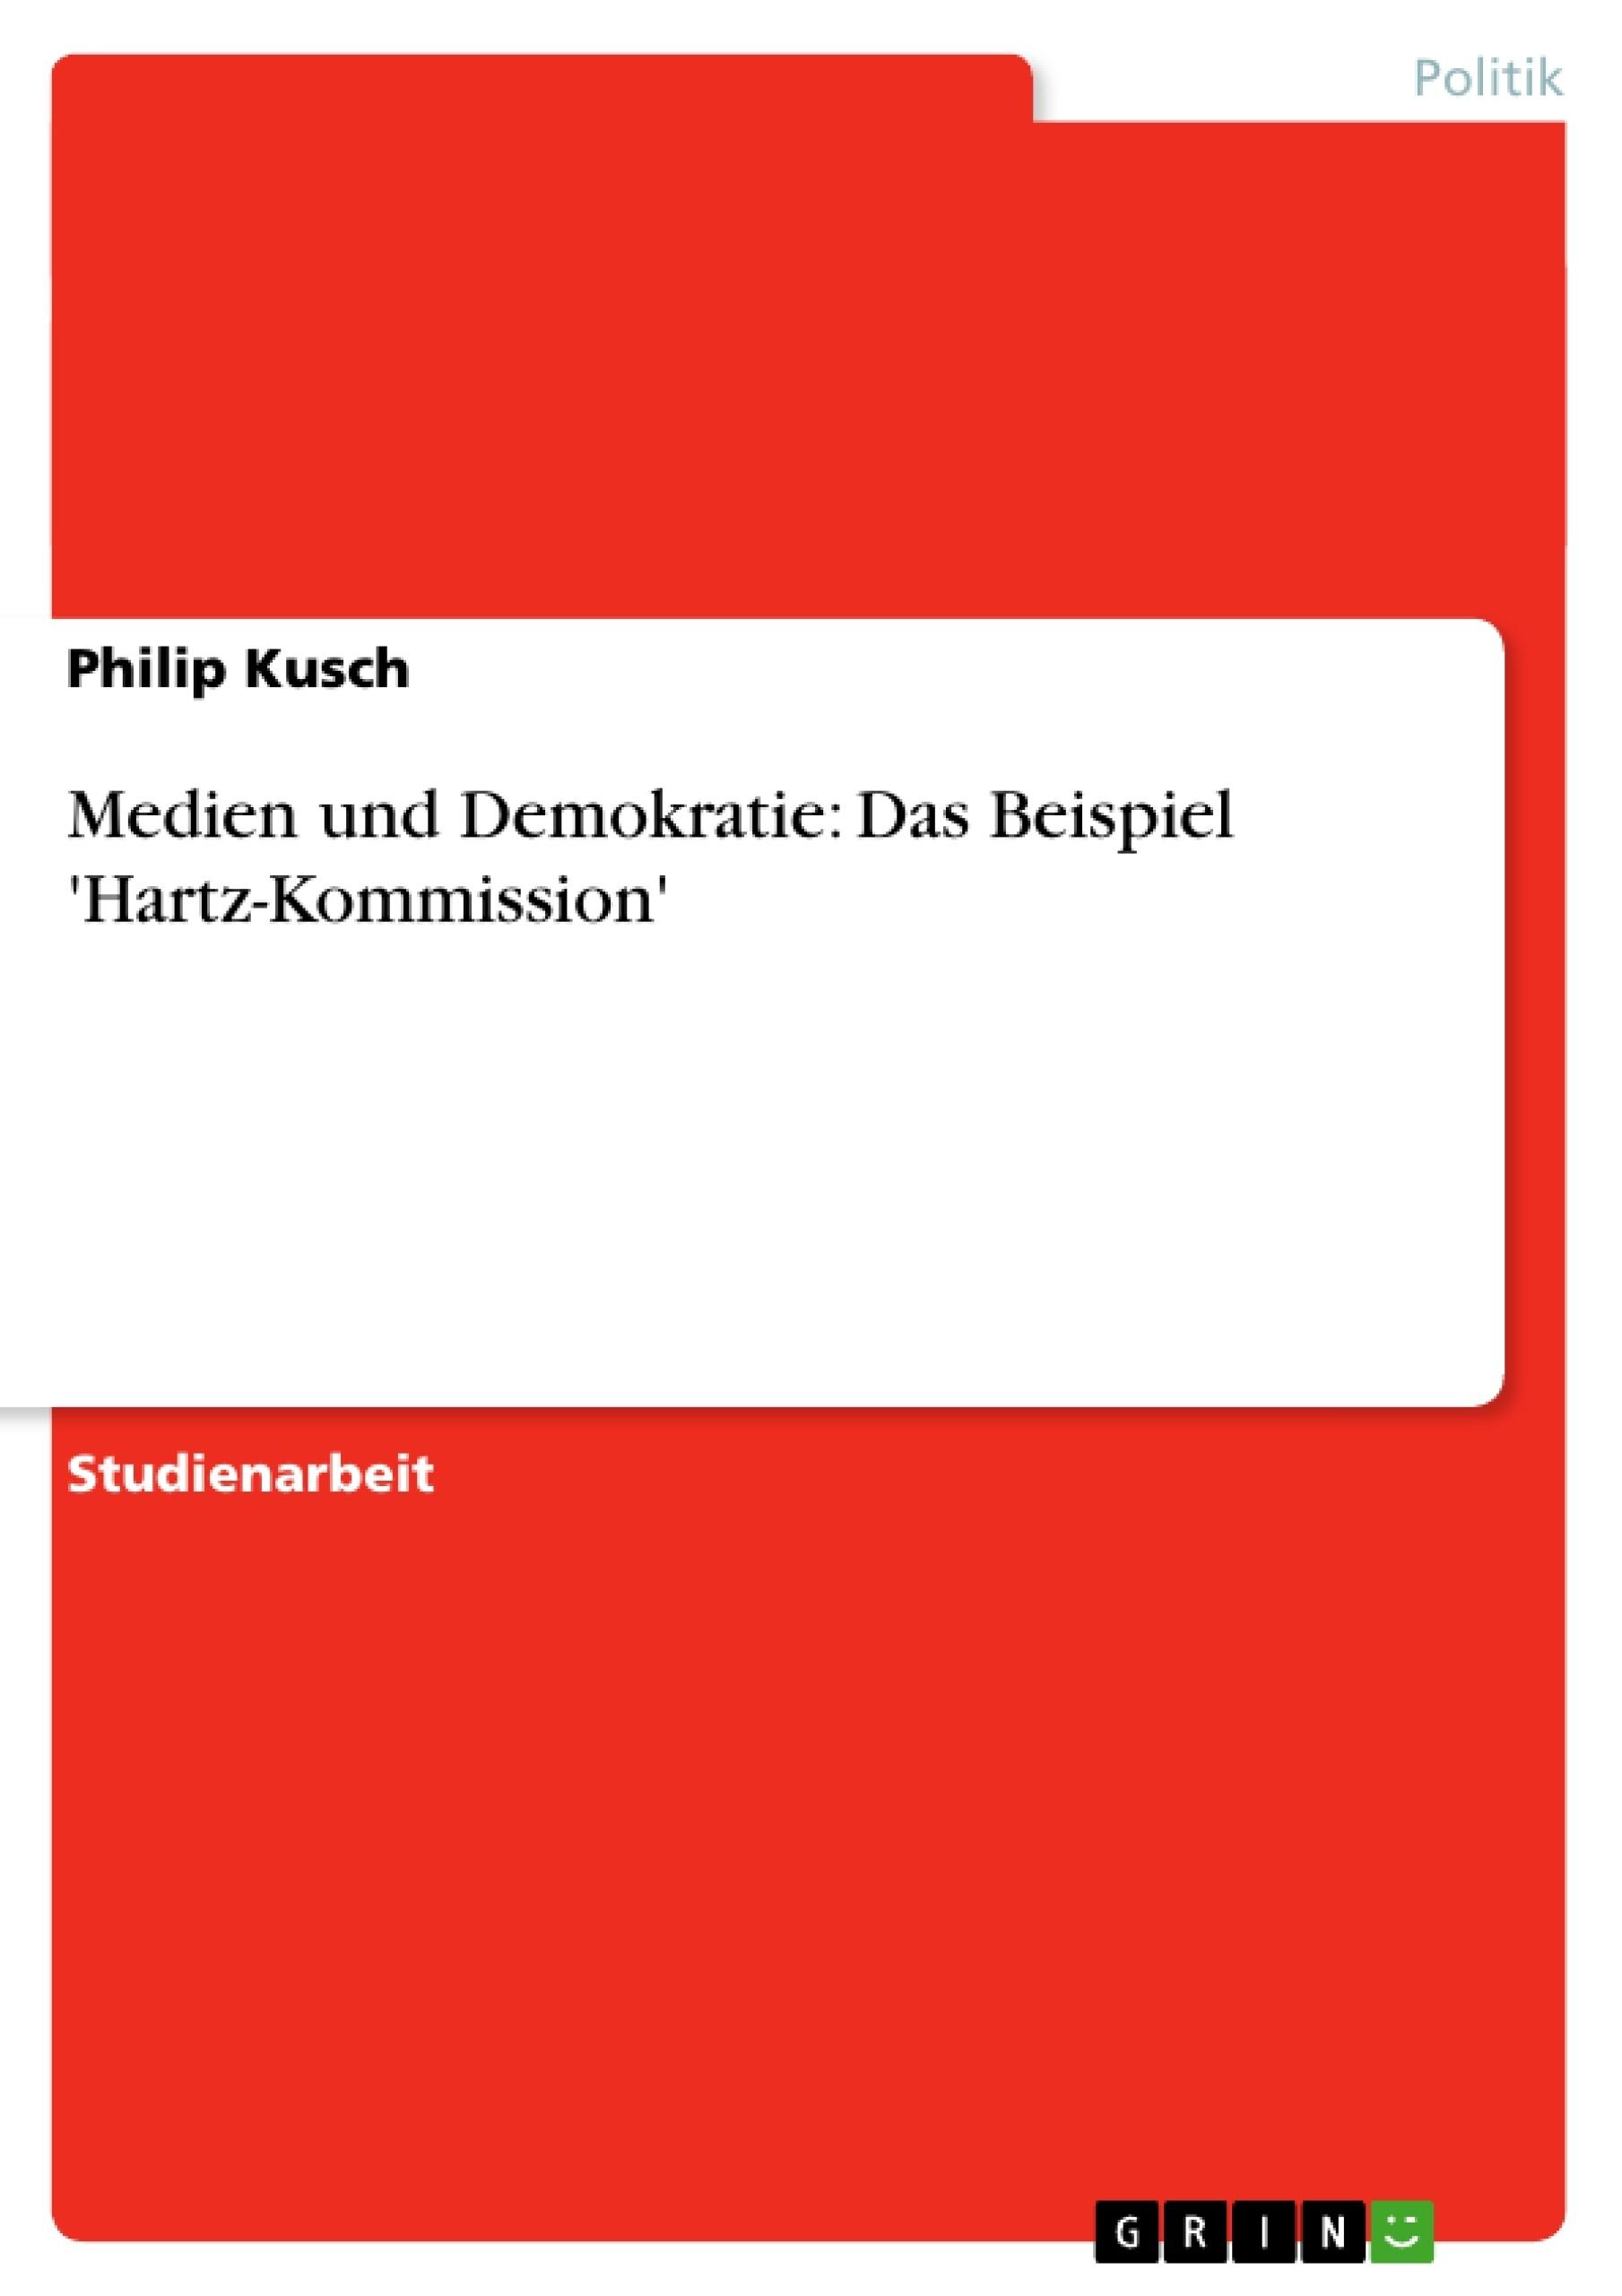 Titel: Medien und Demokratie: Das Beispiel 'Hartz-Kommission'